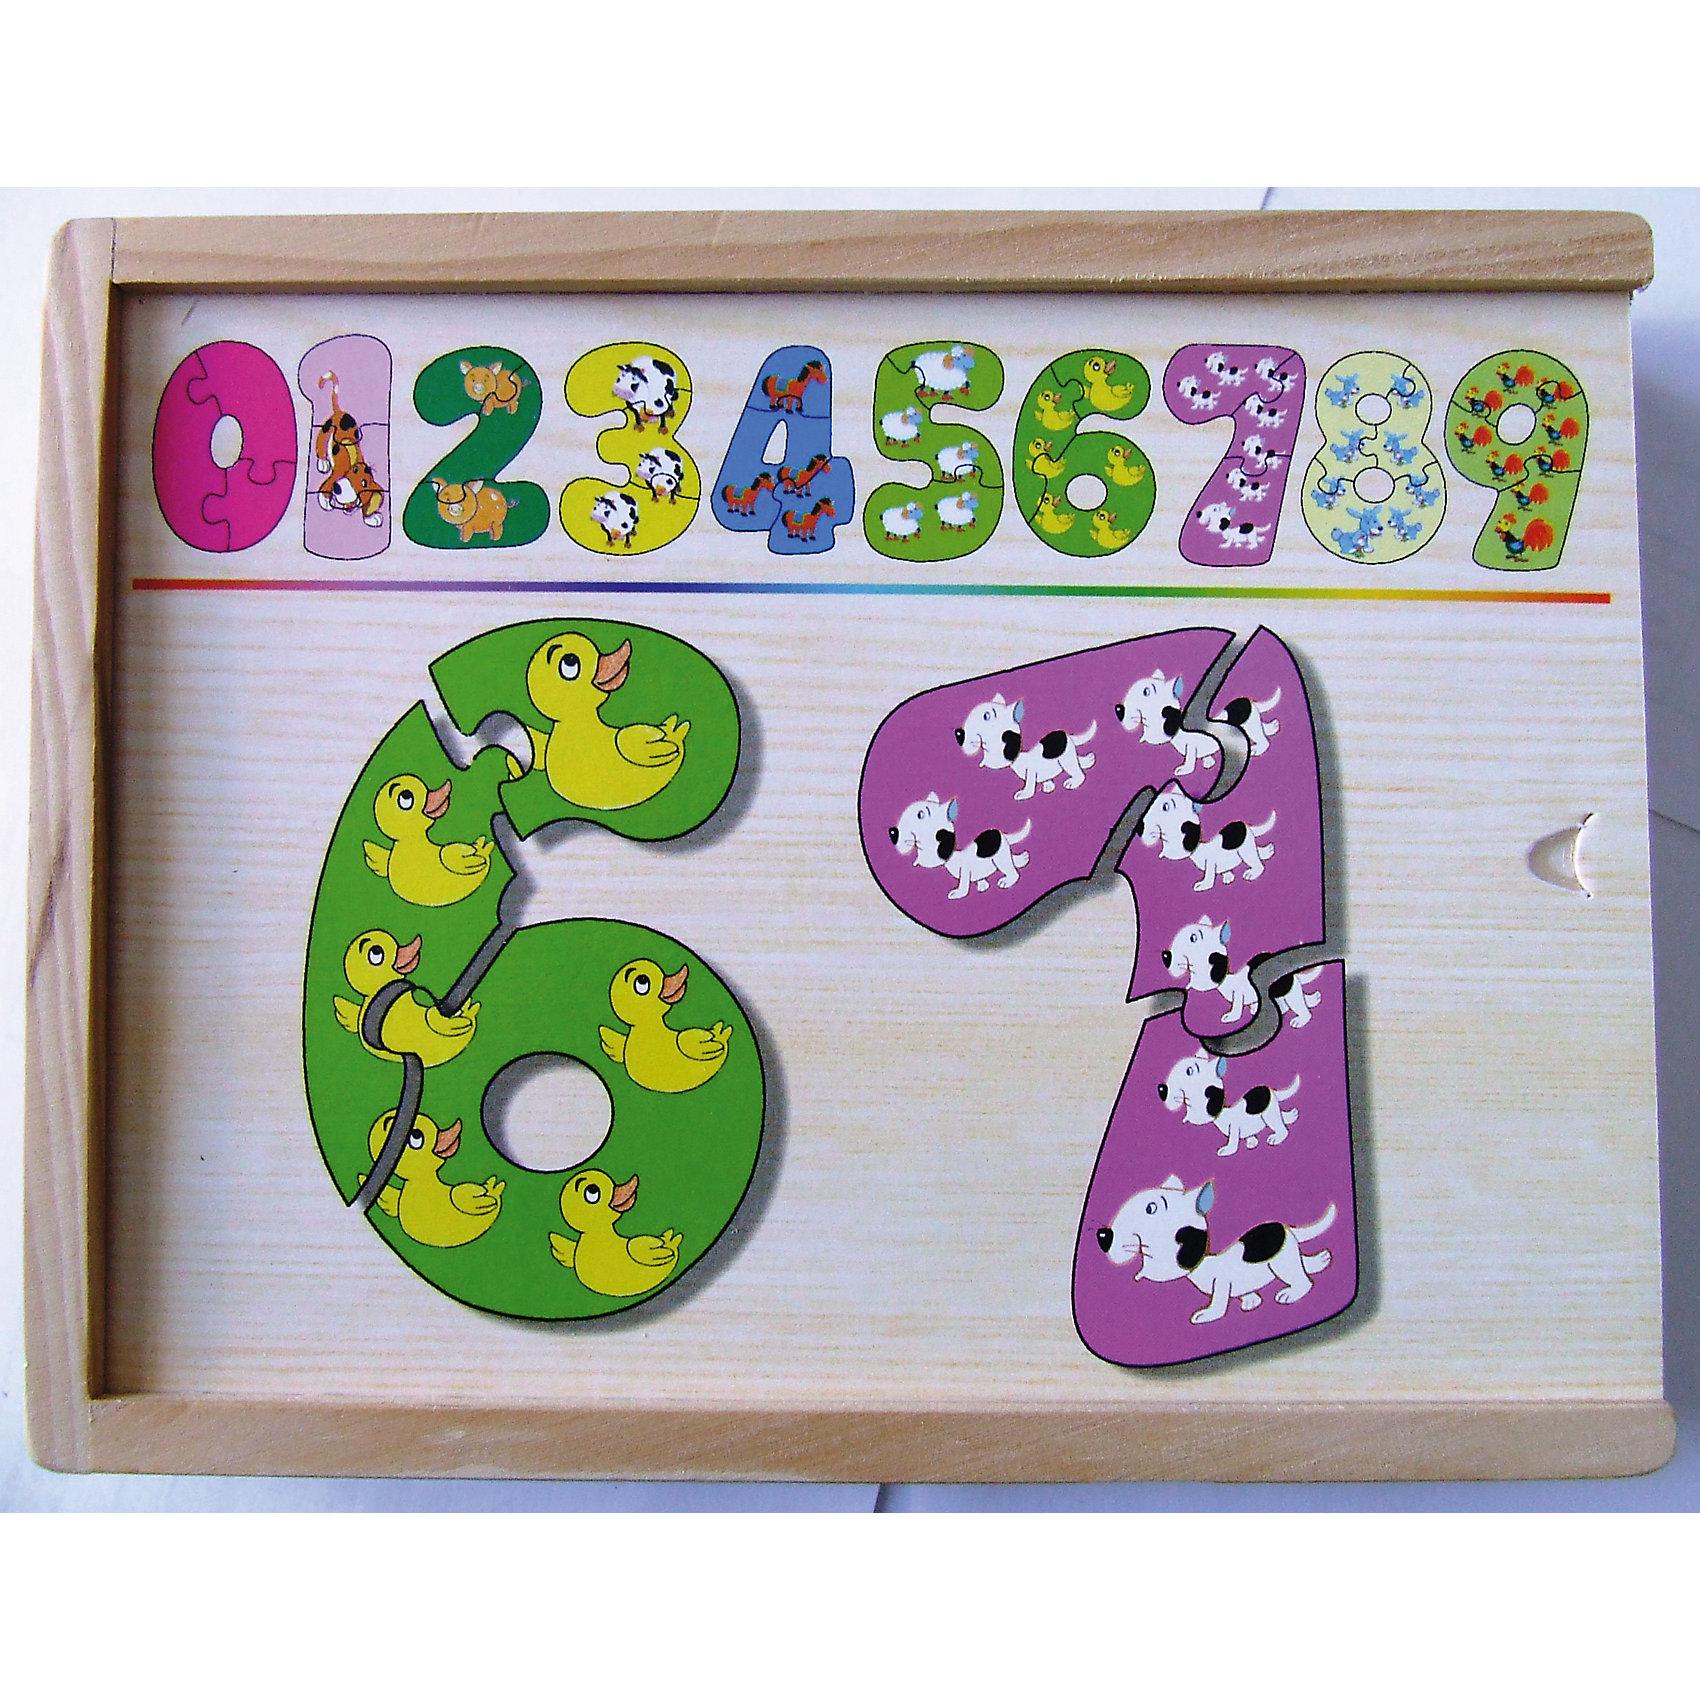 Набор цифры-пазлы (1-9 маленькие), СТЕЛЛА+Набор цифры-пазлы от 1 до 9(маленькие), поможет ребенку выучить цифры, научит составлять целое из  частей.<br><br><br>Дополнительная информация:<br><br>В наборе 9 цифр, состоящих из 3-х частей.<br>Материал: дерево<br>Размер коробки: 19 х 14 х 4 см<br><br><br>Набор цифры-пазлы (1-9 маленькие) можно купить в нашем магазине.<br><br>Ширина мм: 190<br>Глубина мм: 140<br>Высота мм: 40<br>Вес г: 800<br>Возраст от месяцев: 36<br>Возраст до месяцев: 60<br>Пол: Унисекс<br>Возраст: Детский<br>SKU: 4836021